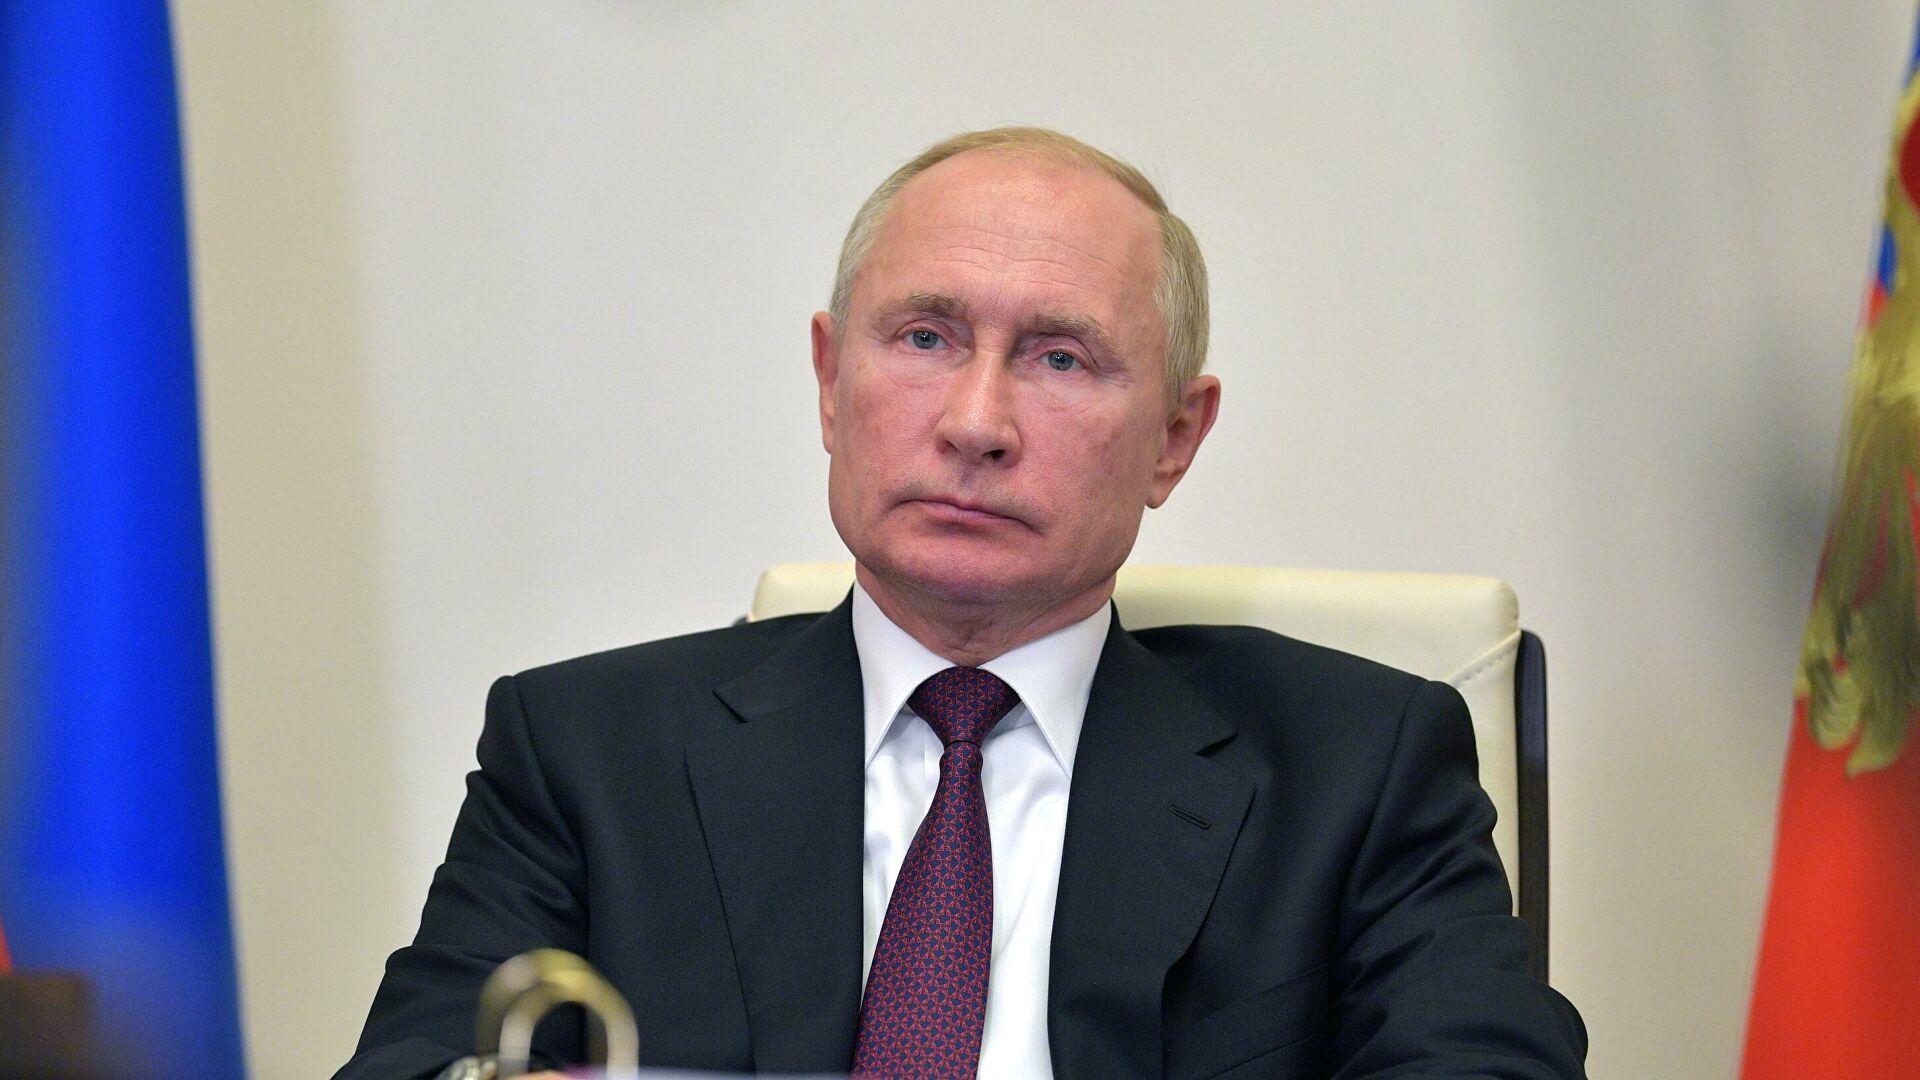 Putin: Moramo uzeti u obzir vojno prisustvo NATO-a u blizini ruskih granica koje se širi u Evropi